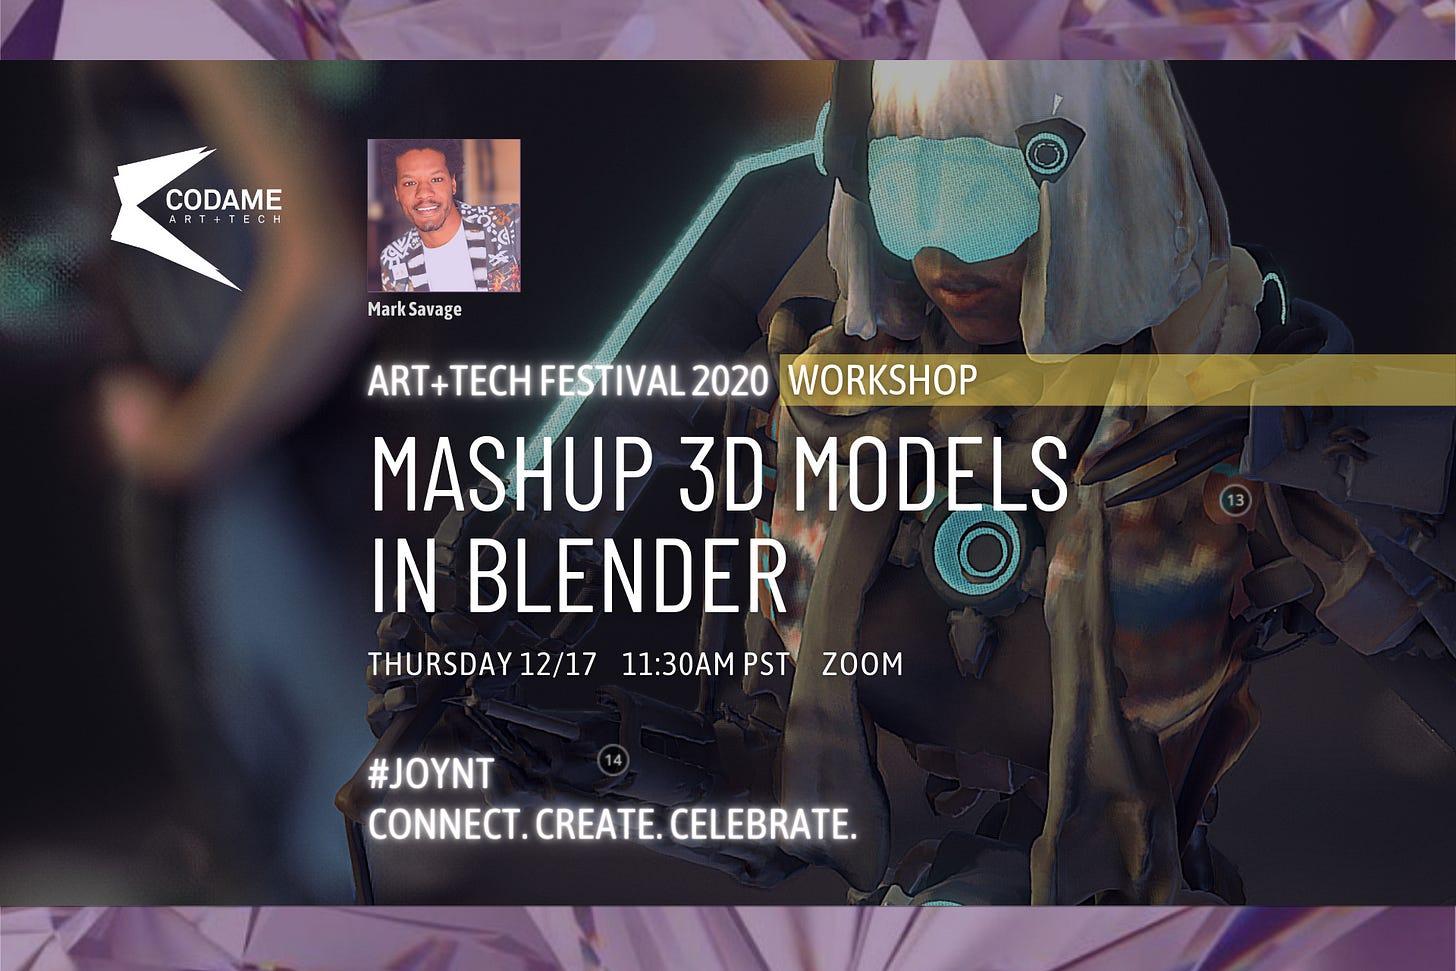 Mashup 3d Models in Blender